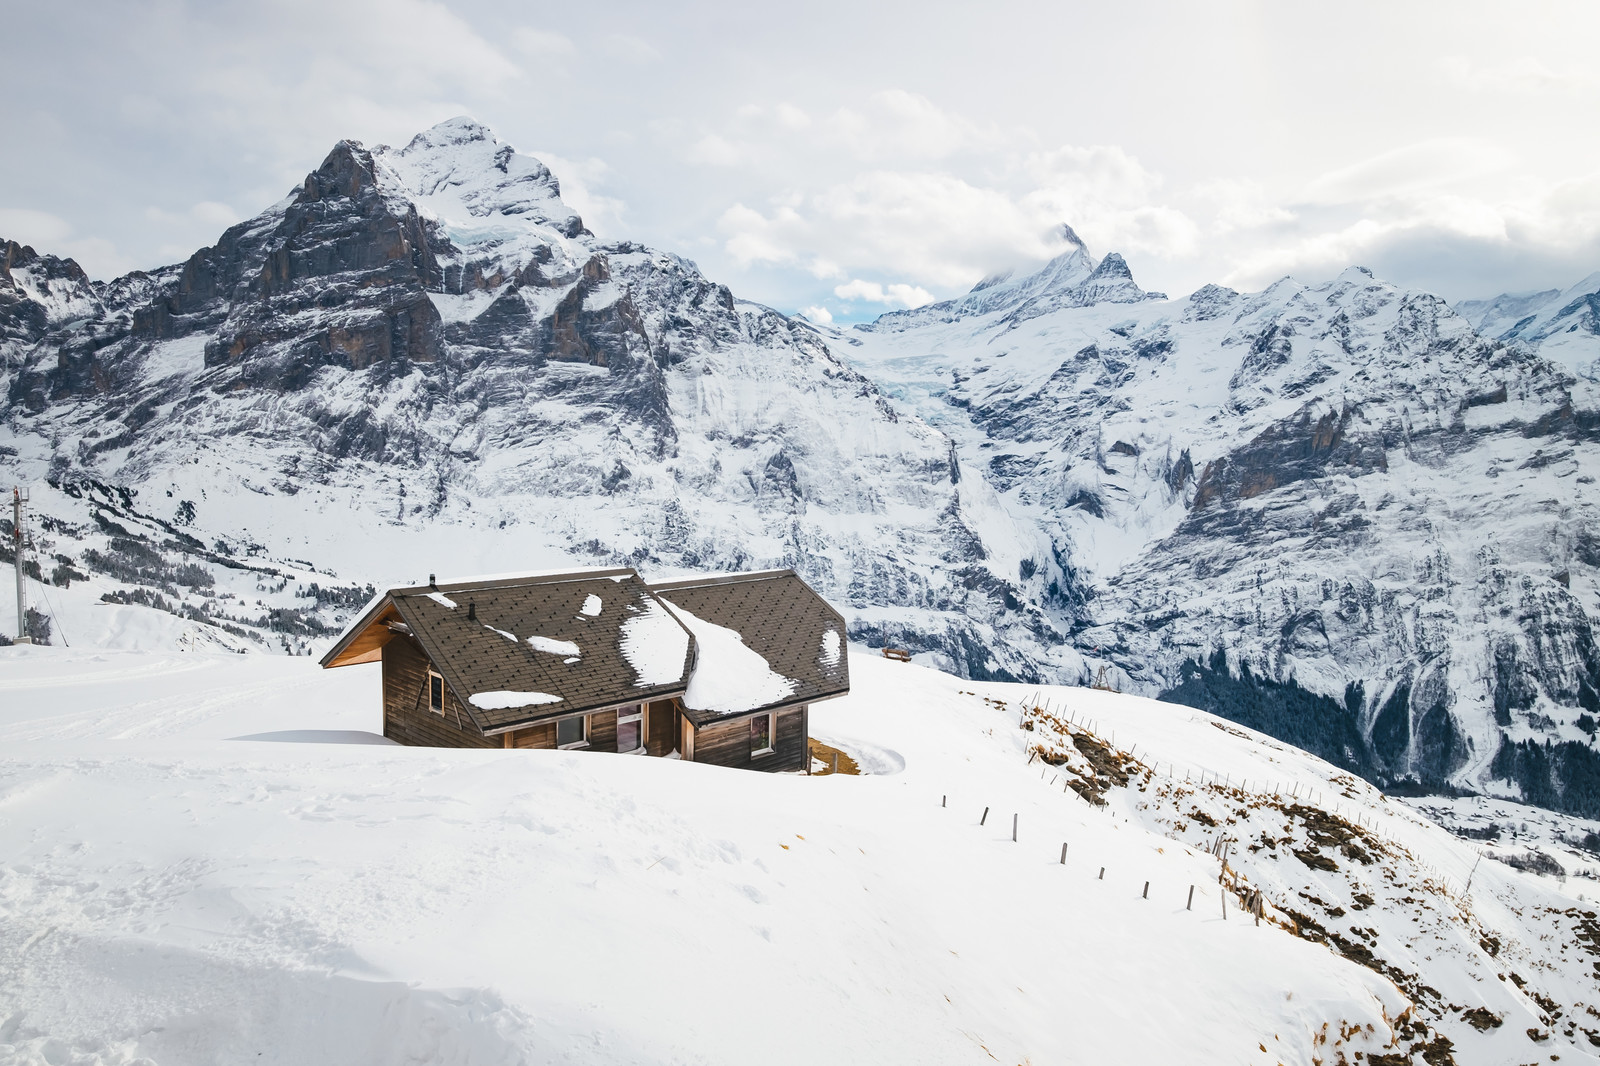 「アルプス山脈の絶景が眺められる山小屋(スイス)アルプス山脈の絶景が眺められる山小屋(スイス)」のフリー写真素材を拡大